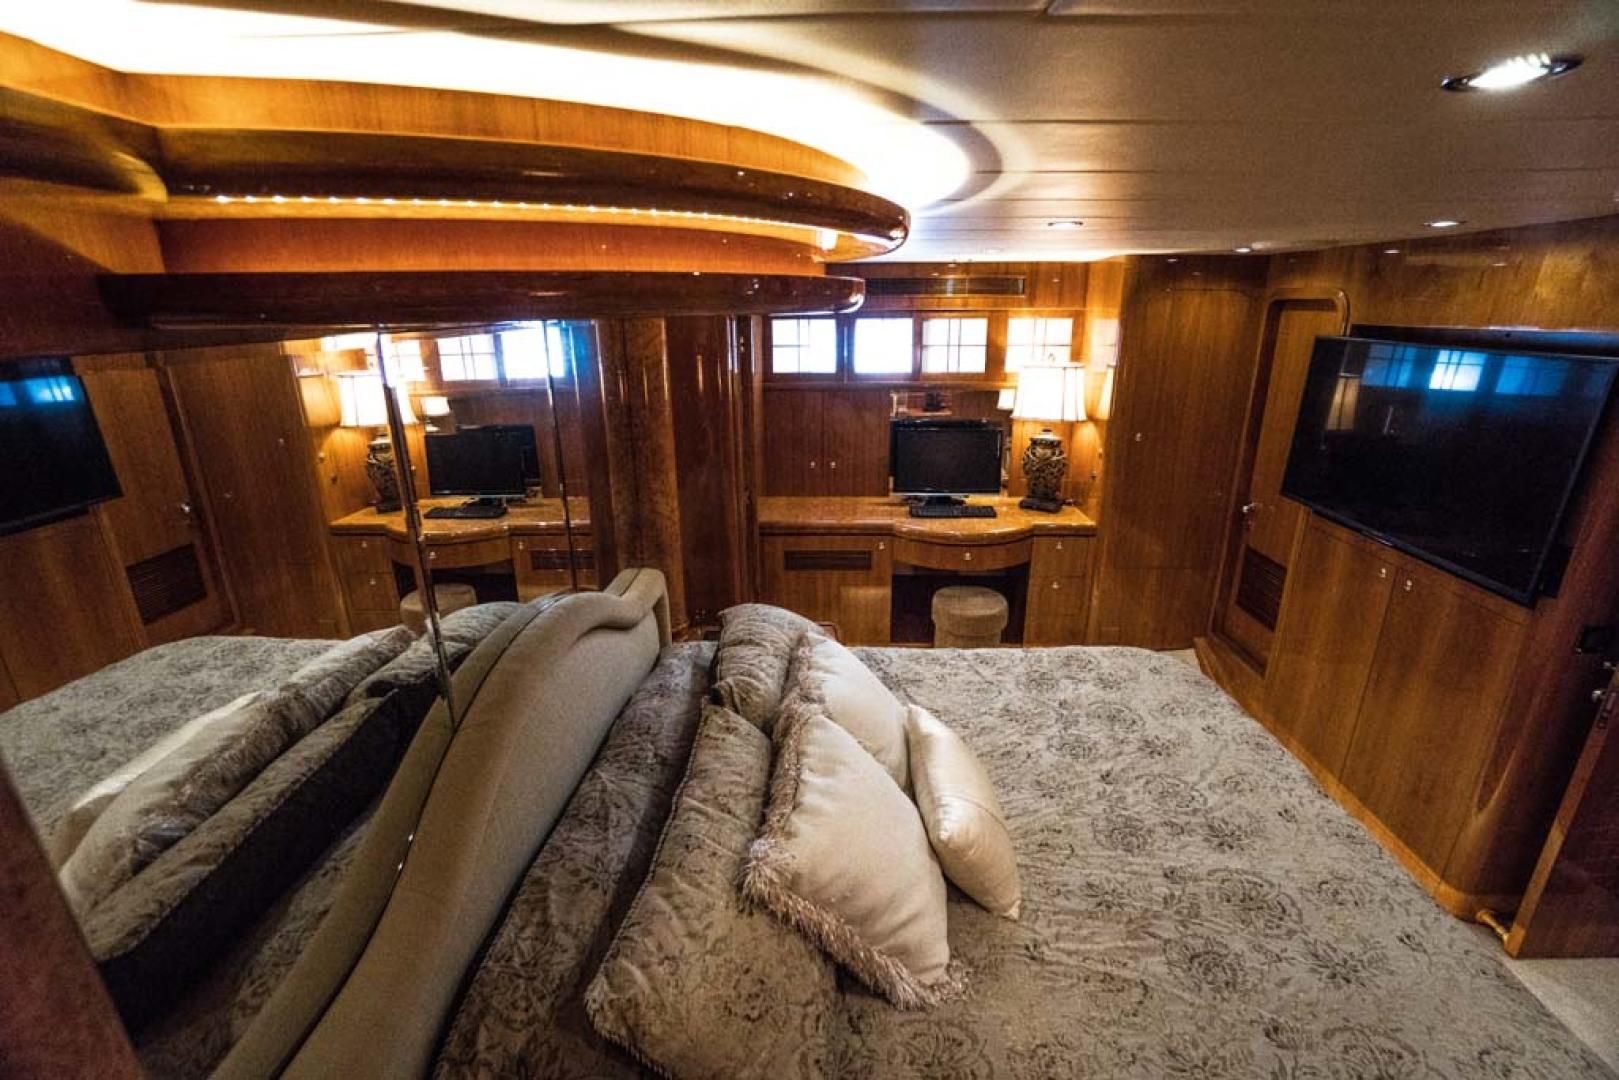 Horizon-Cockpit-Motor-Yacht-2008-Liberation-Stuart-Florida-United-States-Master-Stateroom-1075348